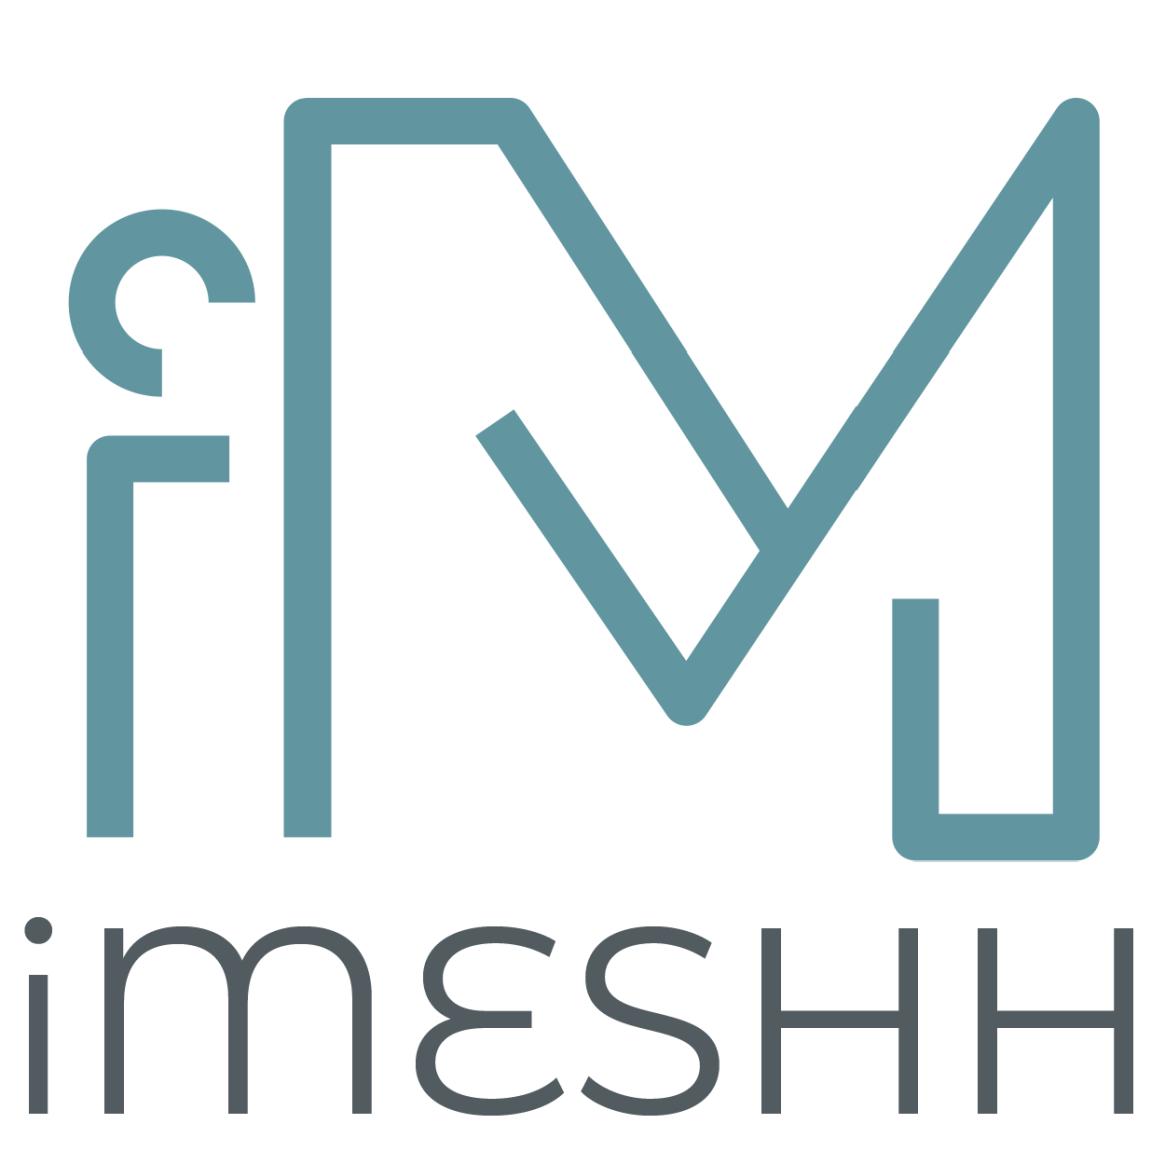 Download iMeshhAssetManager.zip